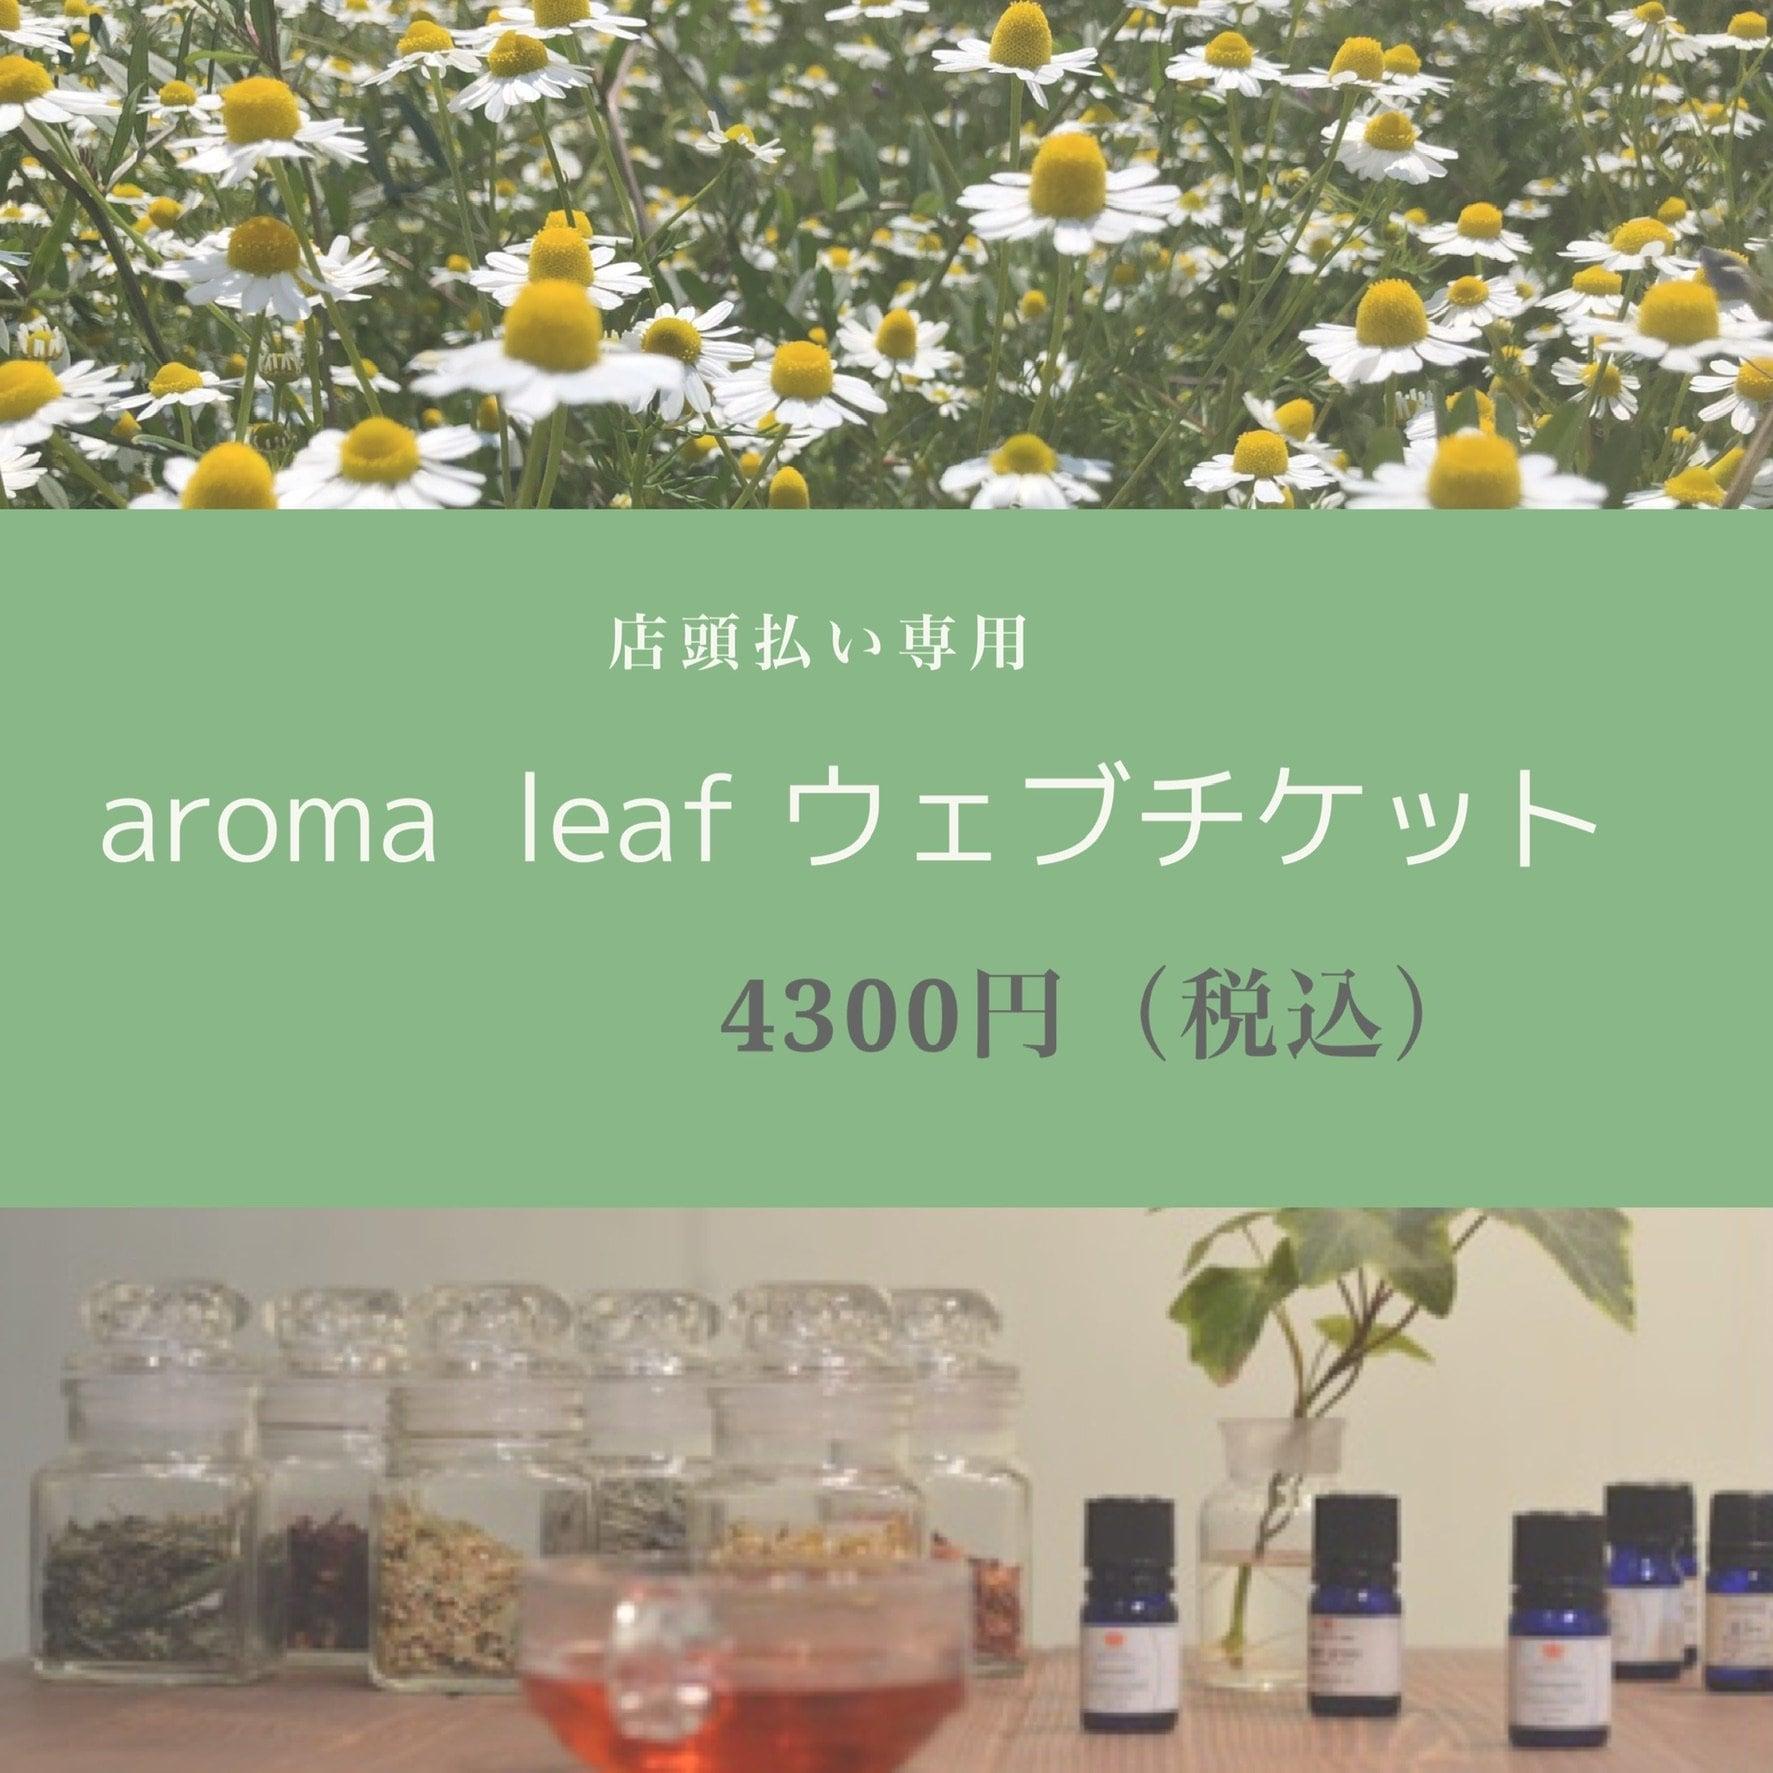 アロマり〜ふ 店頭払い(4300円) ウェブチケットのイメージその1